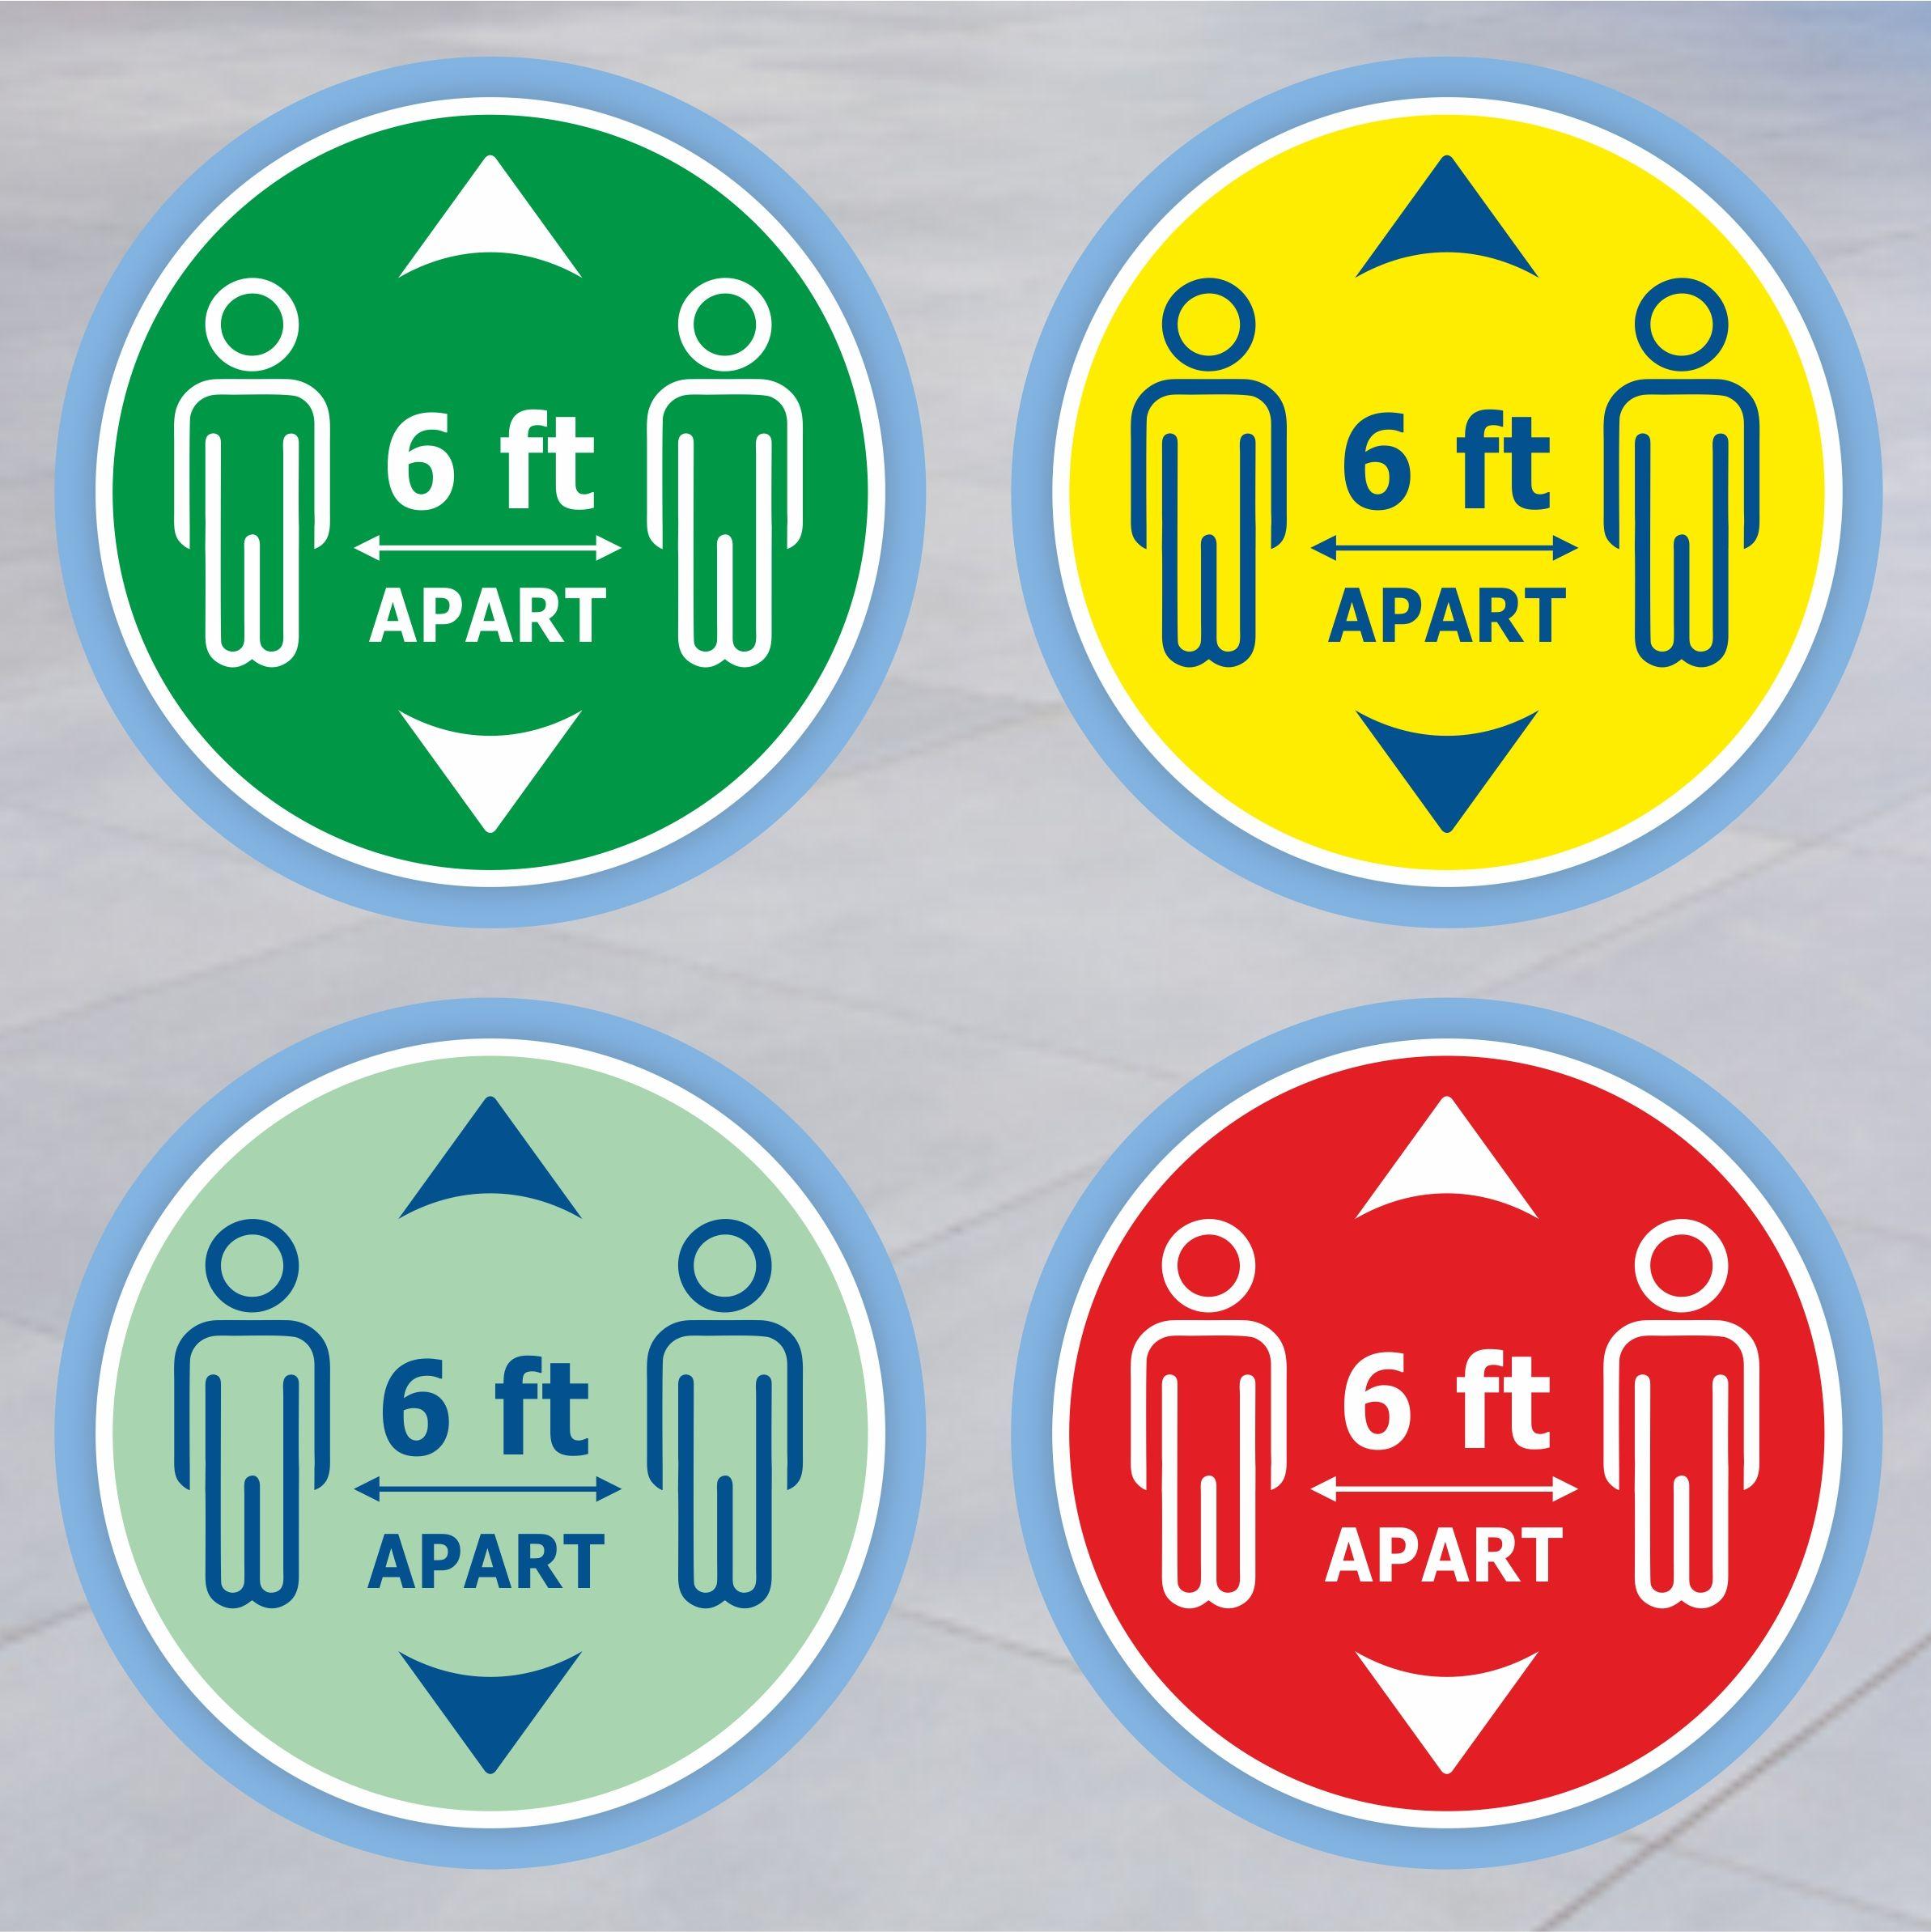 6 Feet Apart Stickers in 2020 Floor stickers, Floor